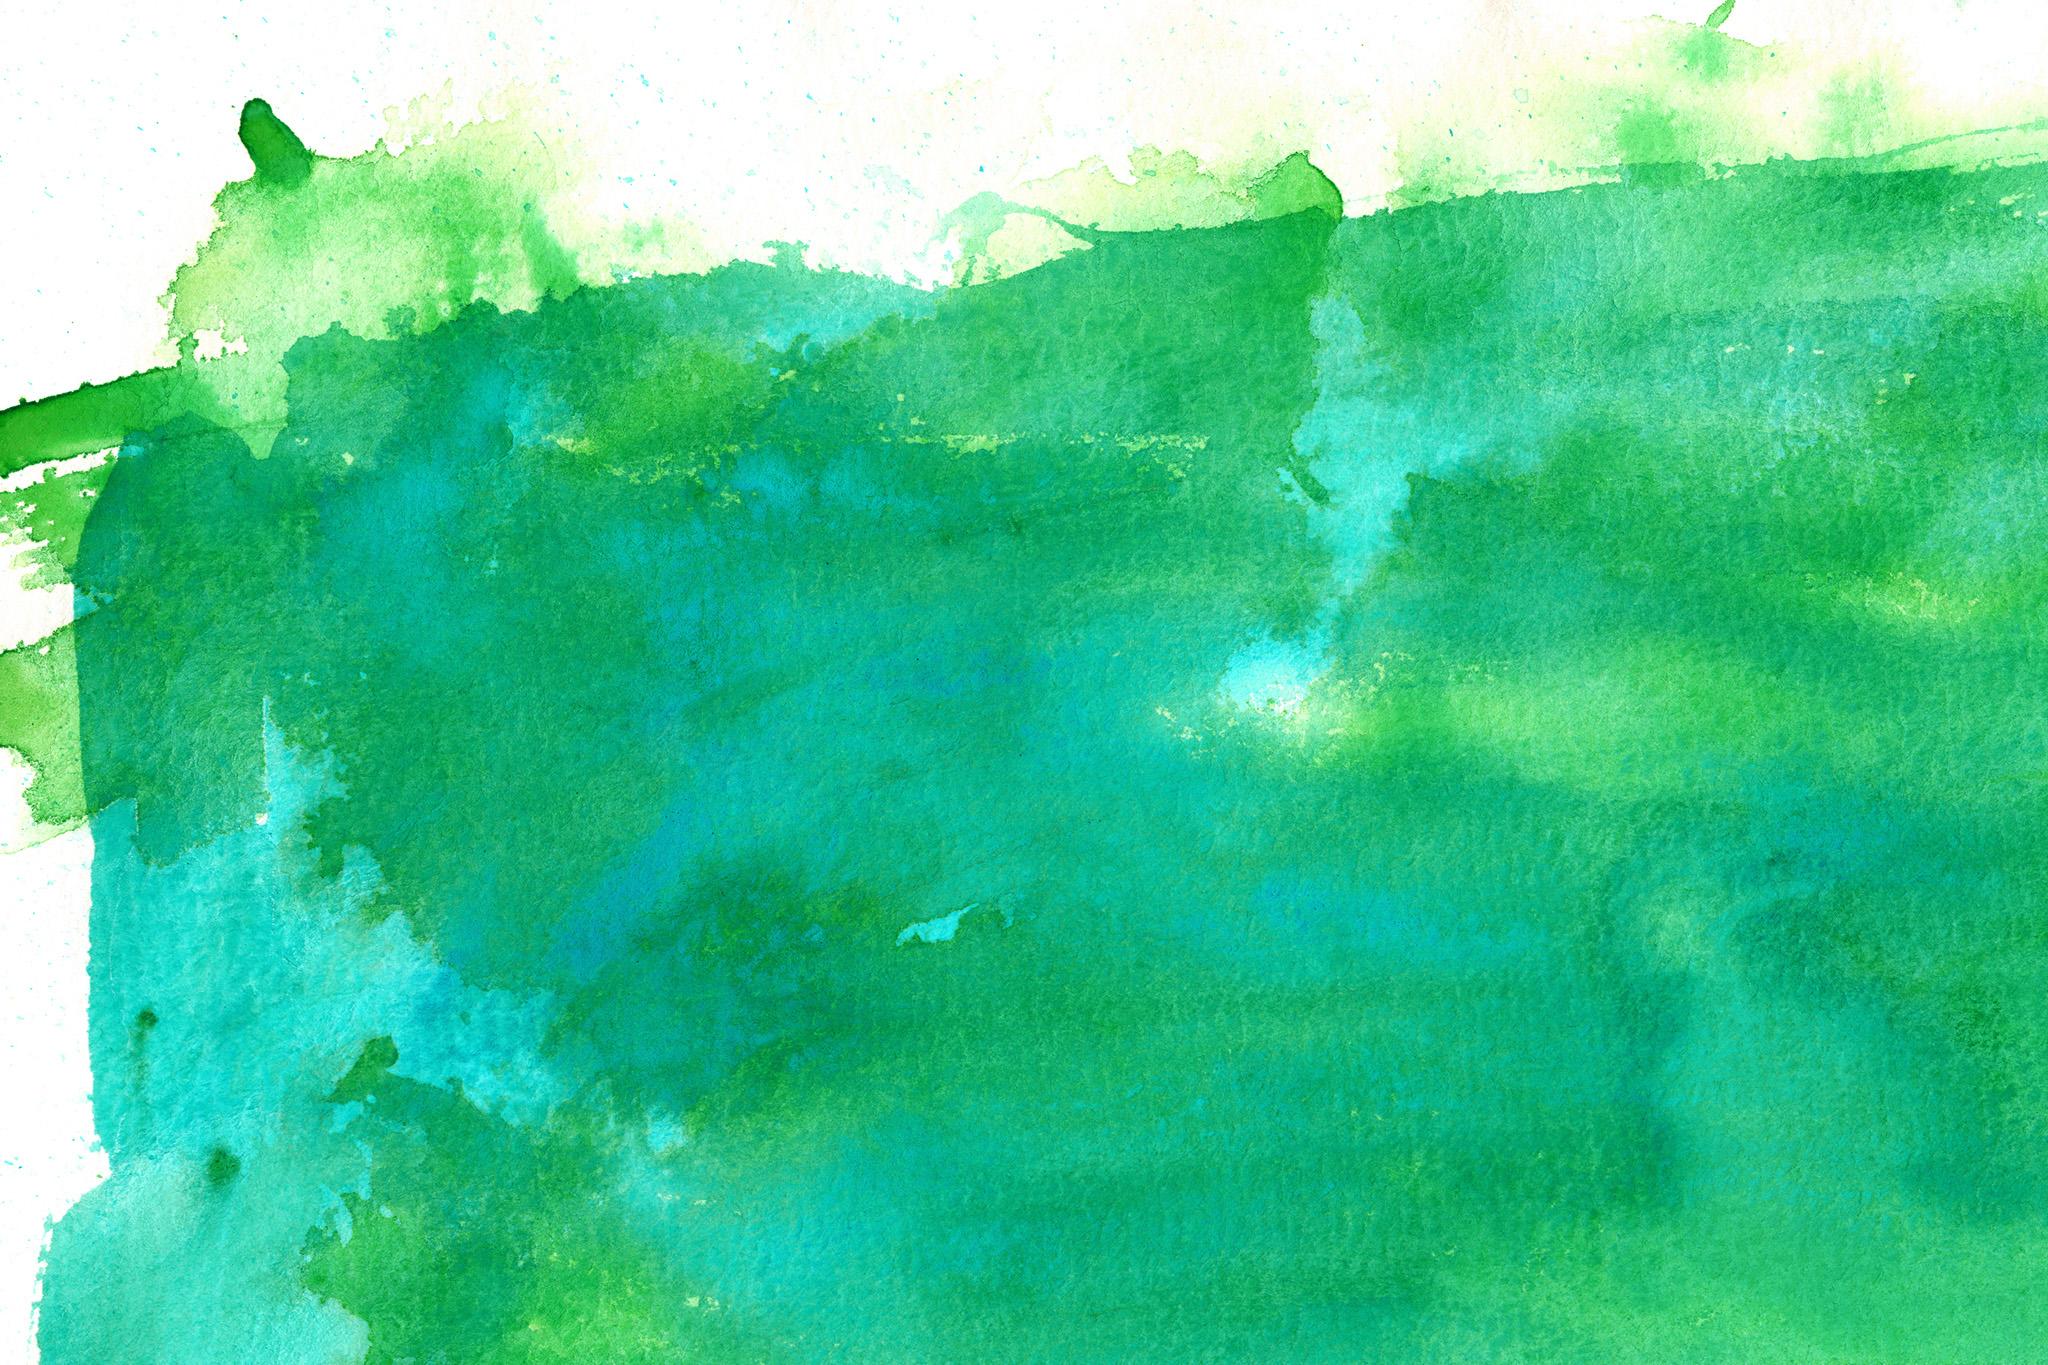 「緑の水彩絵具の滲むテクスチャ」